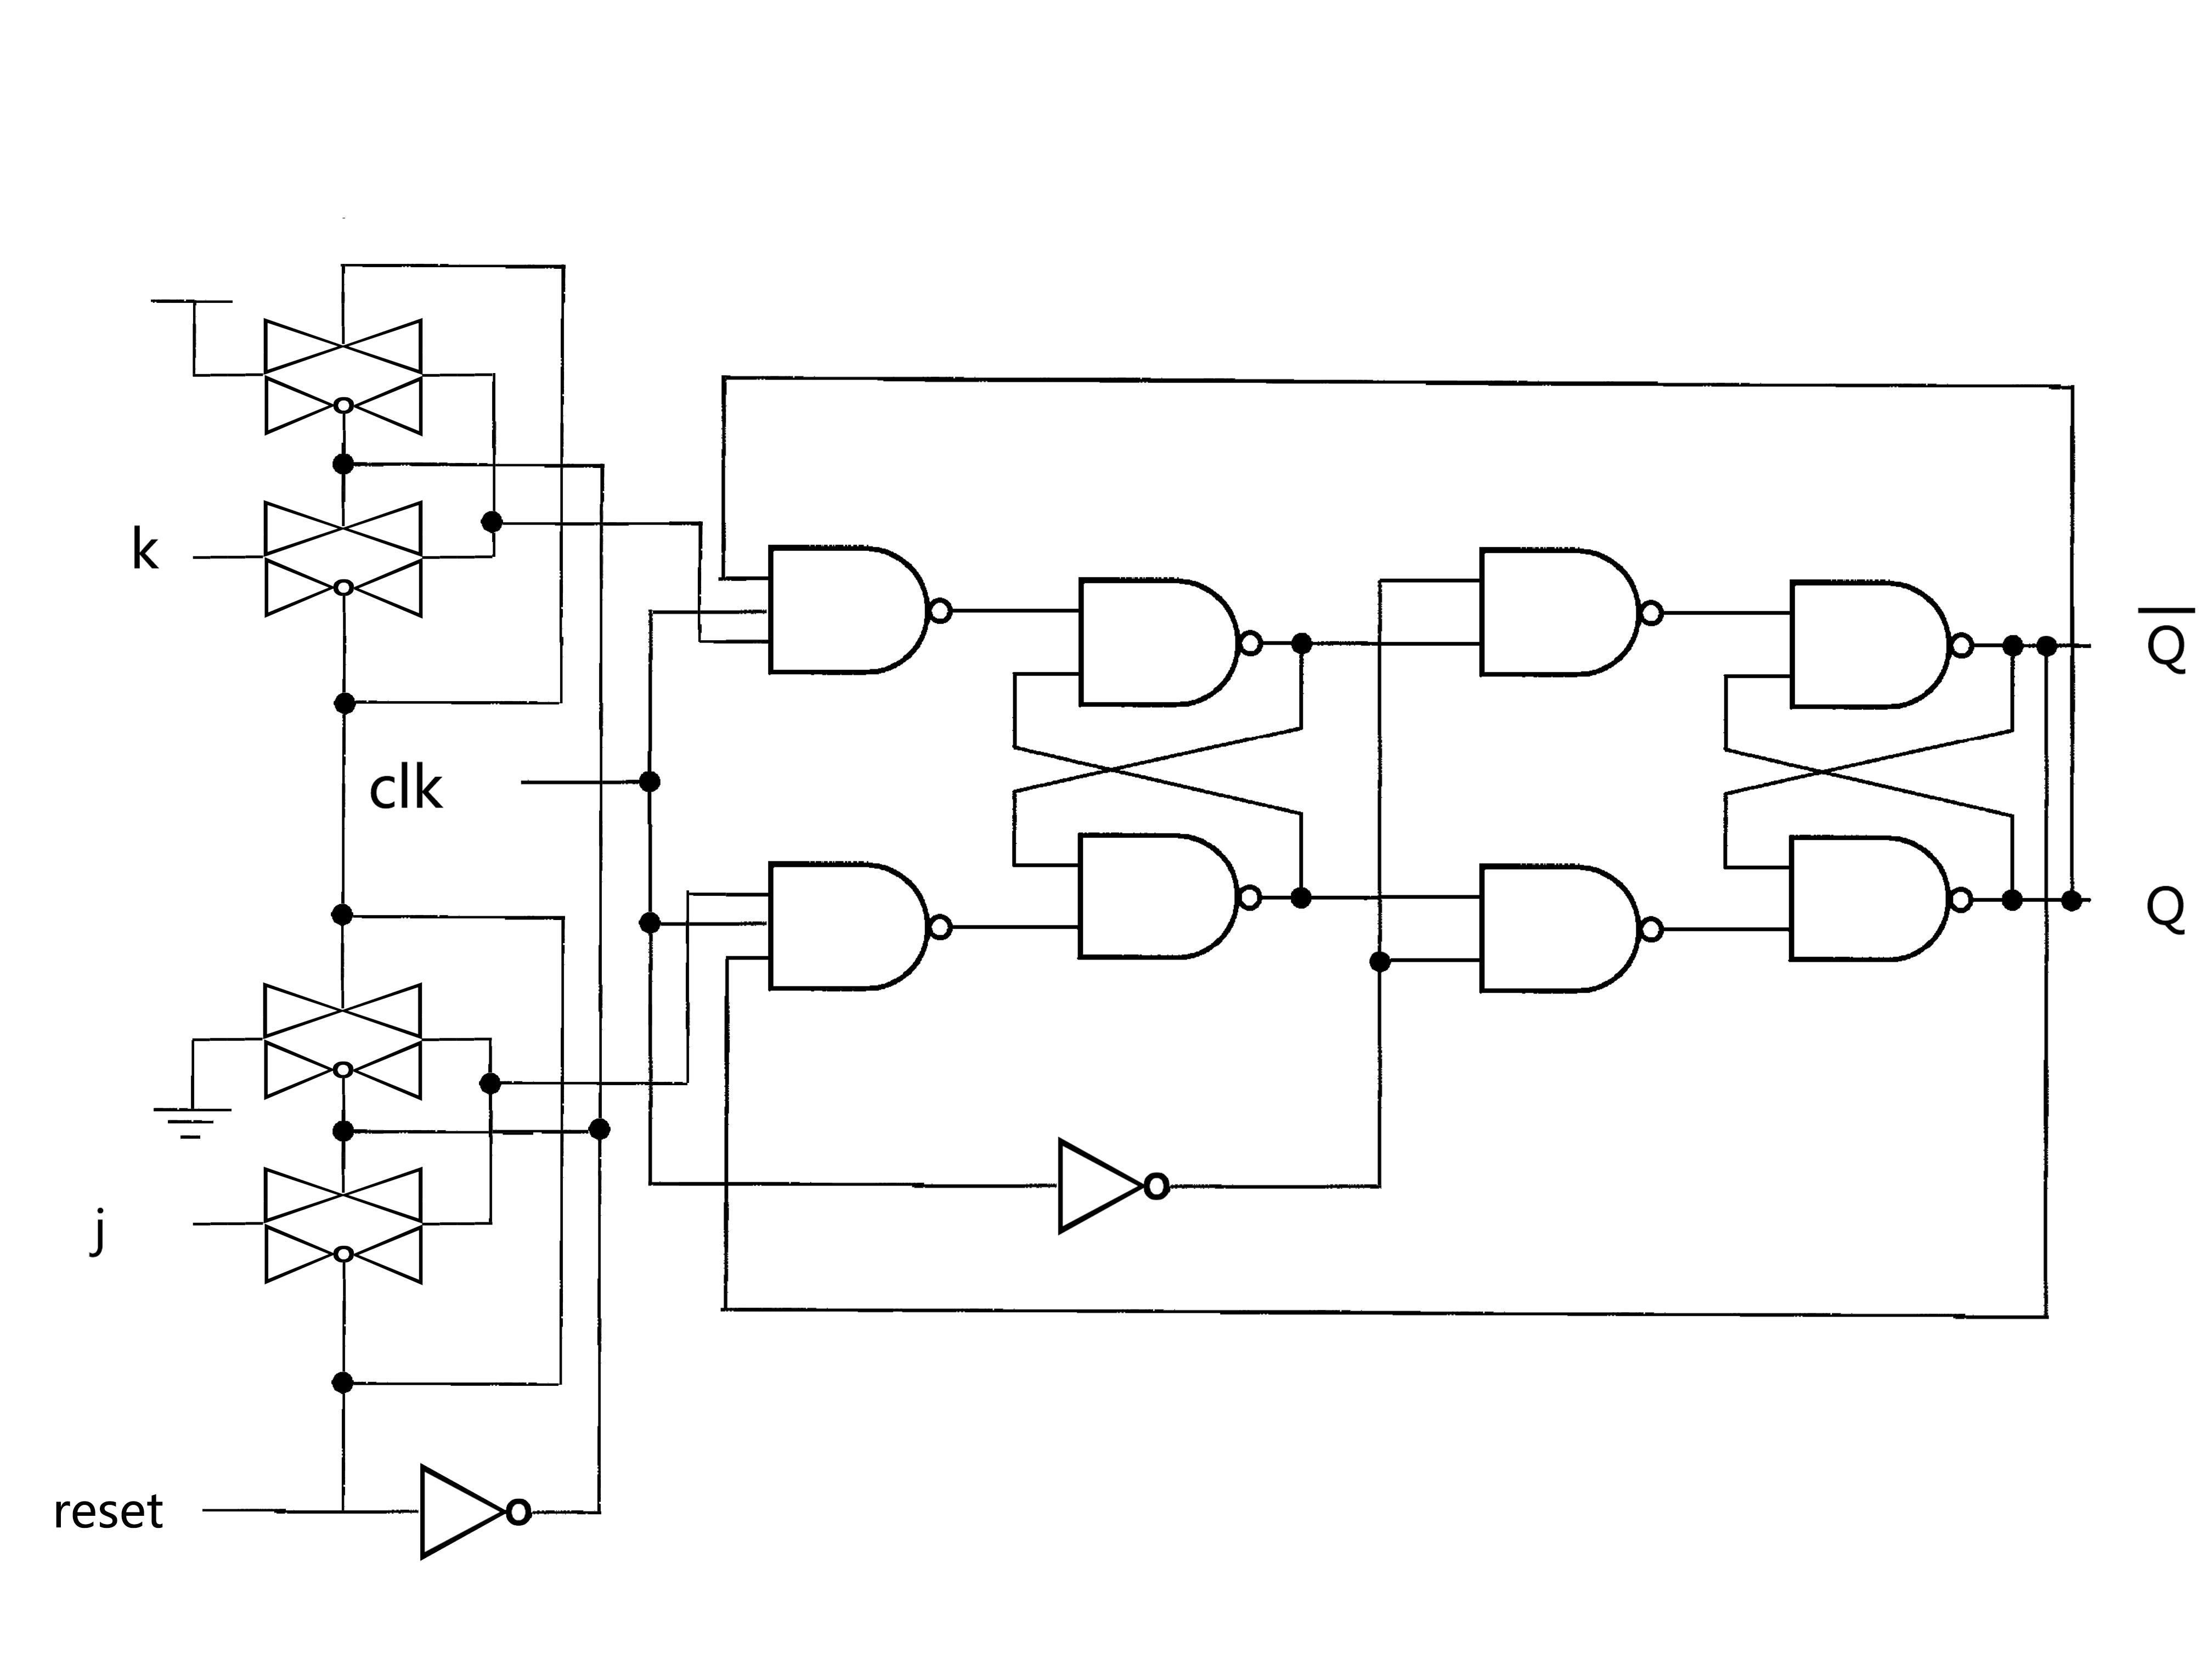 如何用jk触发器设计20进制异步加法计数器,附结构示意图片